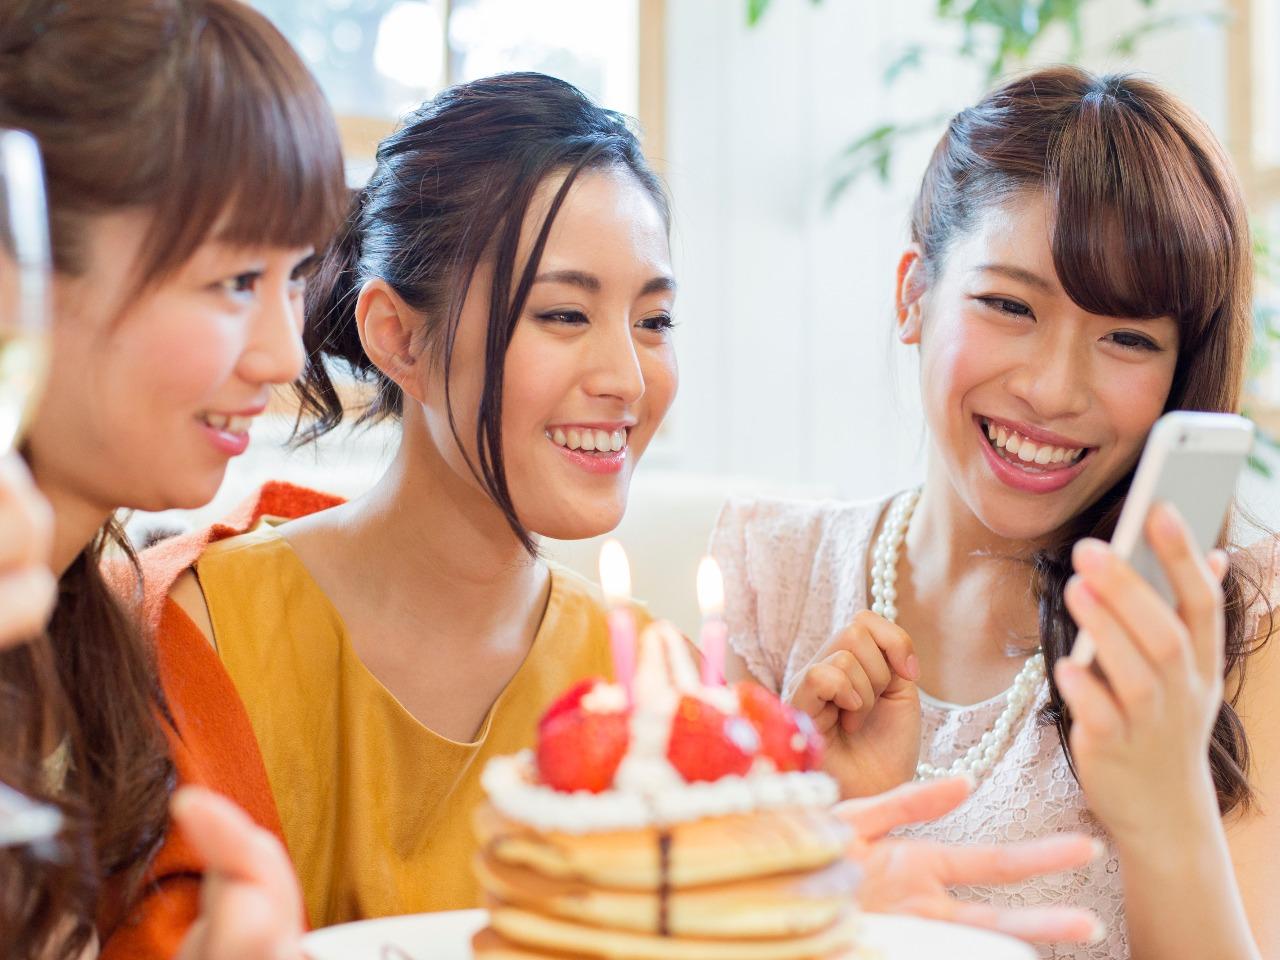 LINE占いでお友達へのプレゼントなら東京渋谷で人気の占い館「婚活もできる占い館BCAFE(ビーカフェ)渋谷店」の占いチケットをお誕生日プレゼントにしては如何でしょうか。